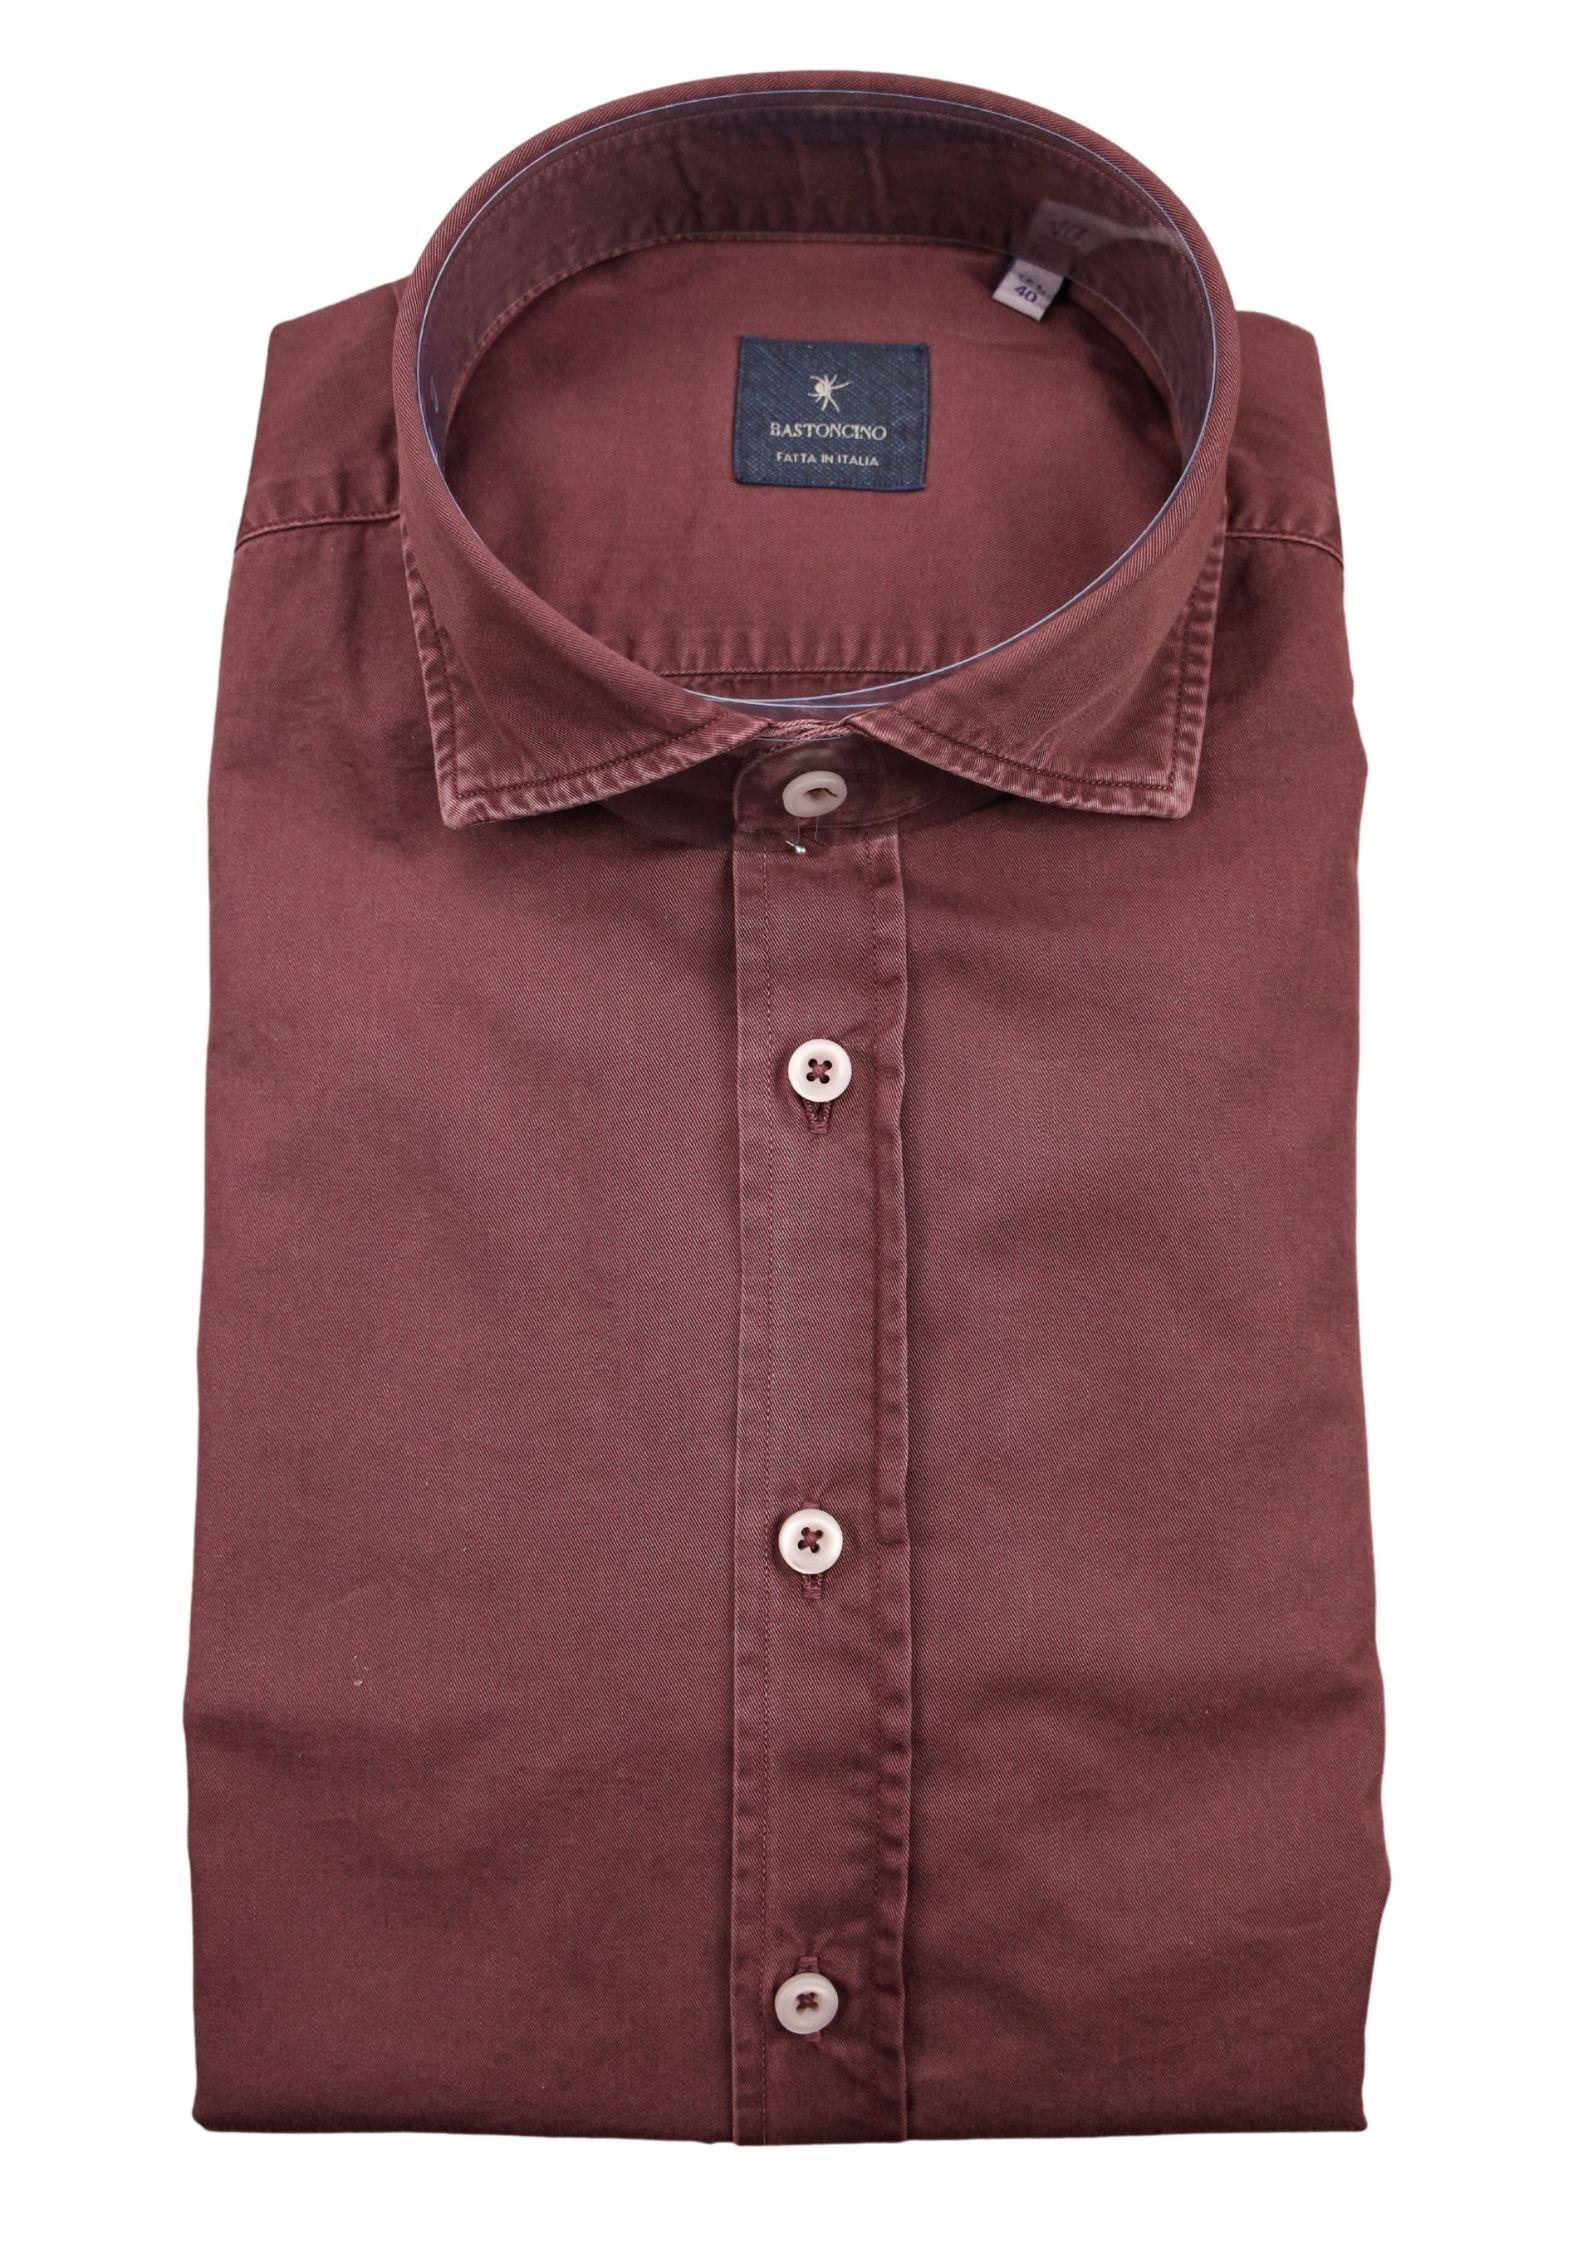 Camicia tinto in capo delavè, in twill di cotone vestibilità regular BASTONCINO   Camicie   SARTB1379 10